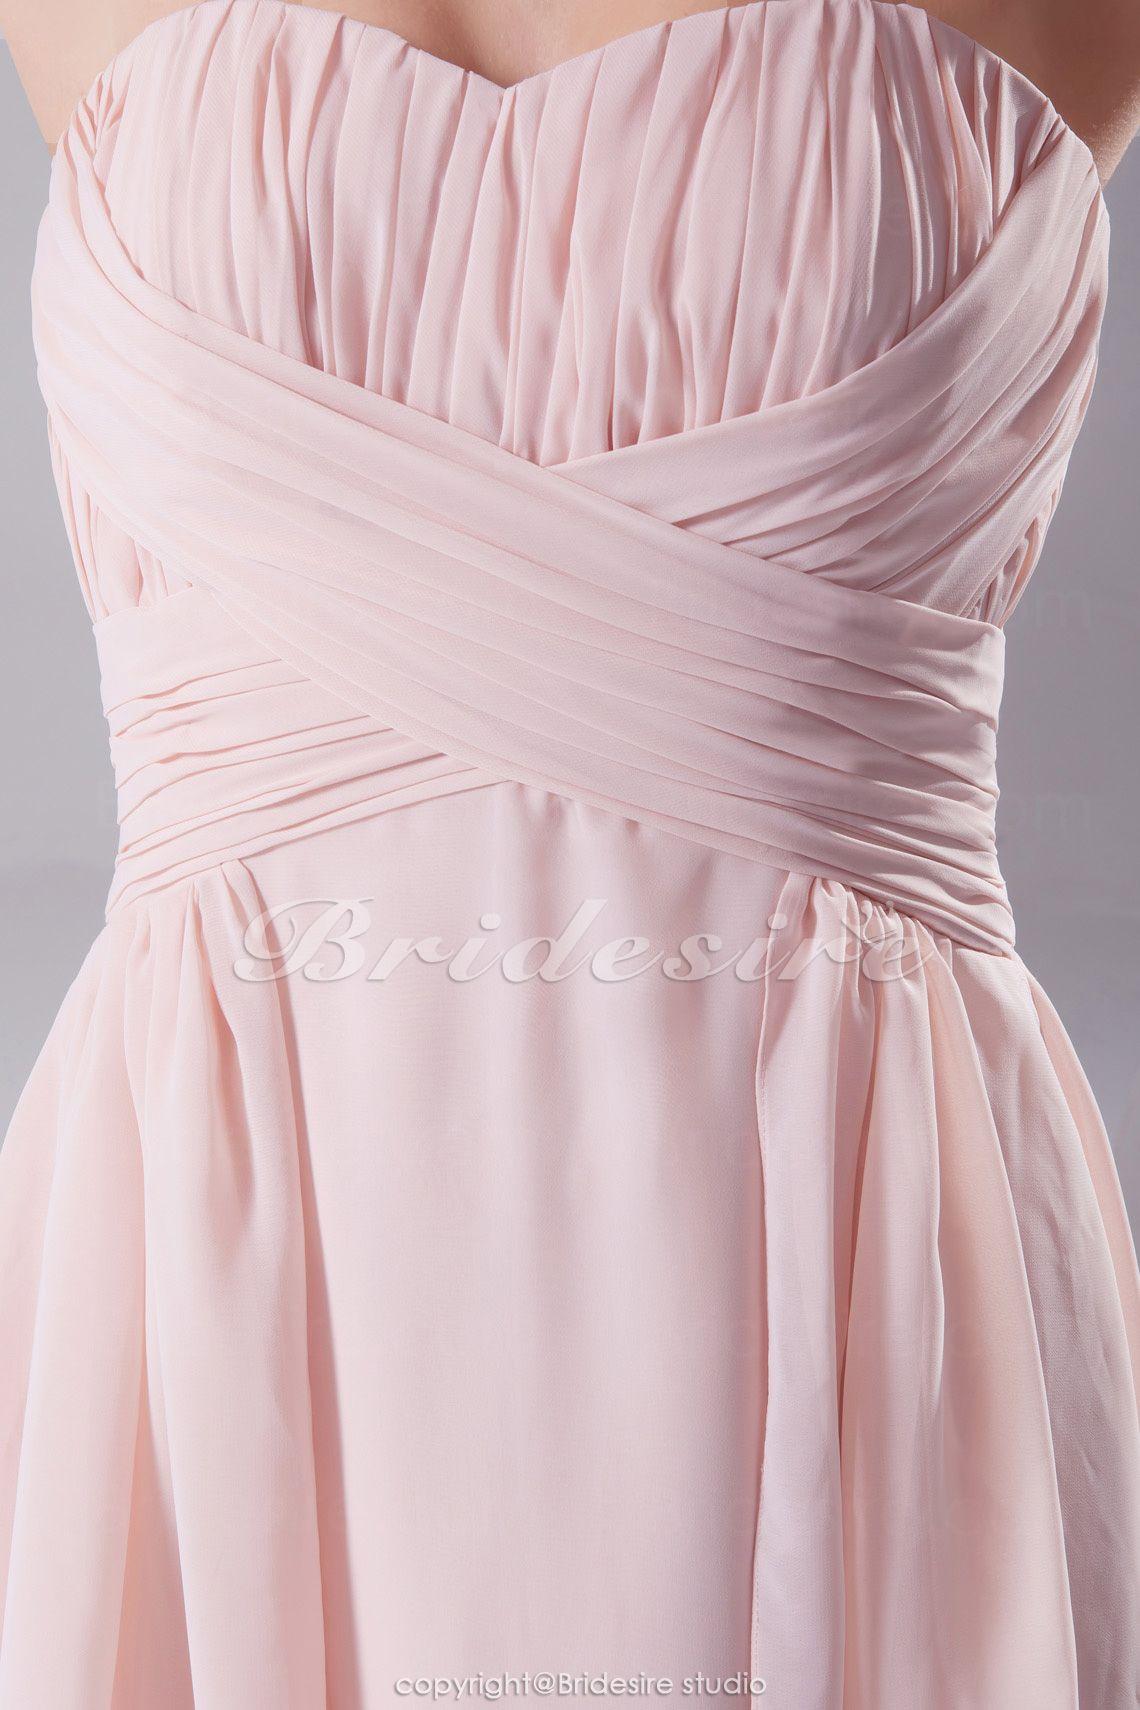 Bridesire - A-Linie Herz-Ausschnitt Asymmetrisch Knielang ärmellos Chiffon  Kleid  BD4159  - €83.56   Bridesire 04e830130a